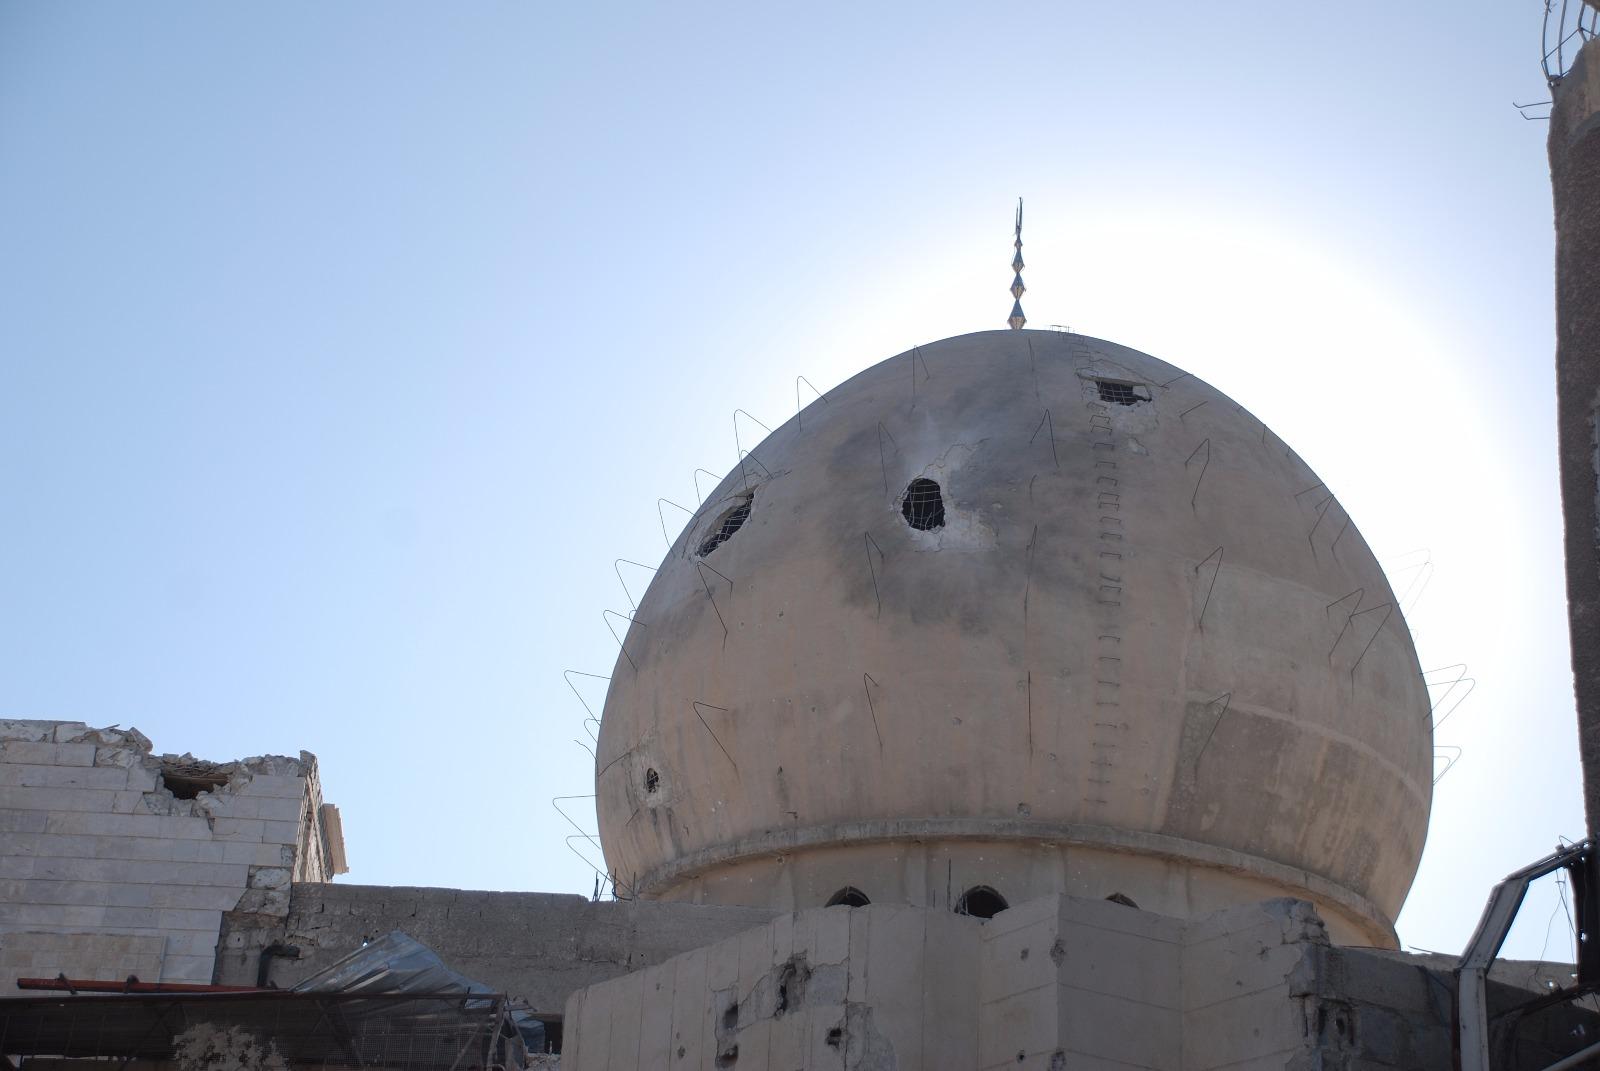 صورة سوريا تنزف آثارها والحرب تدمر حضارات من سبقوا